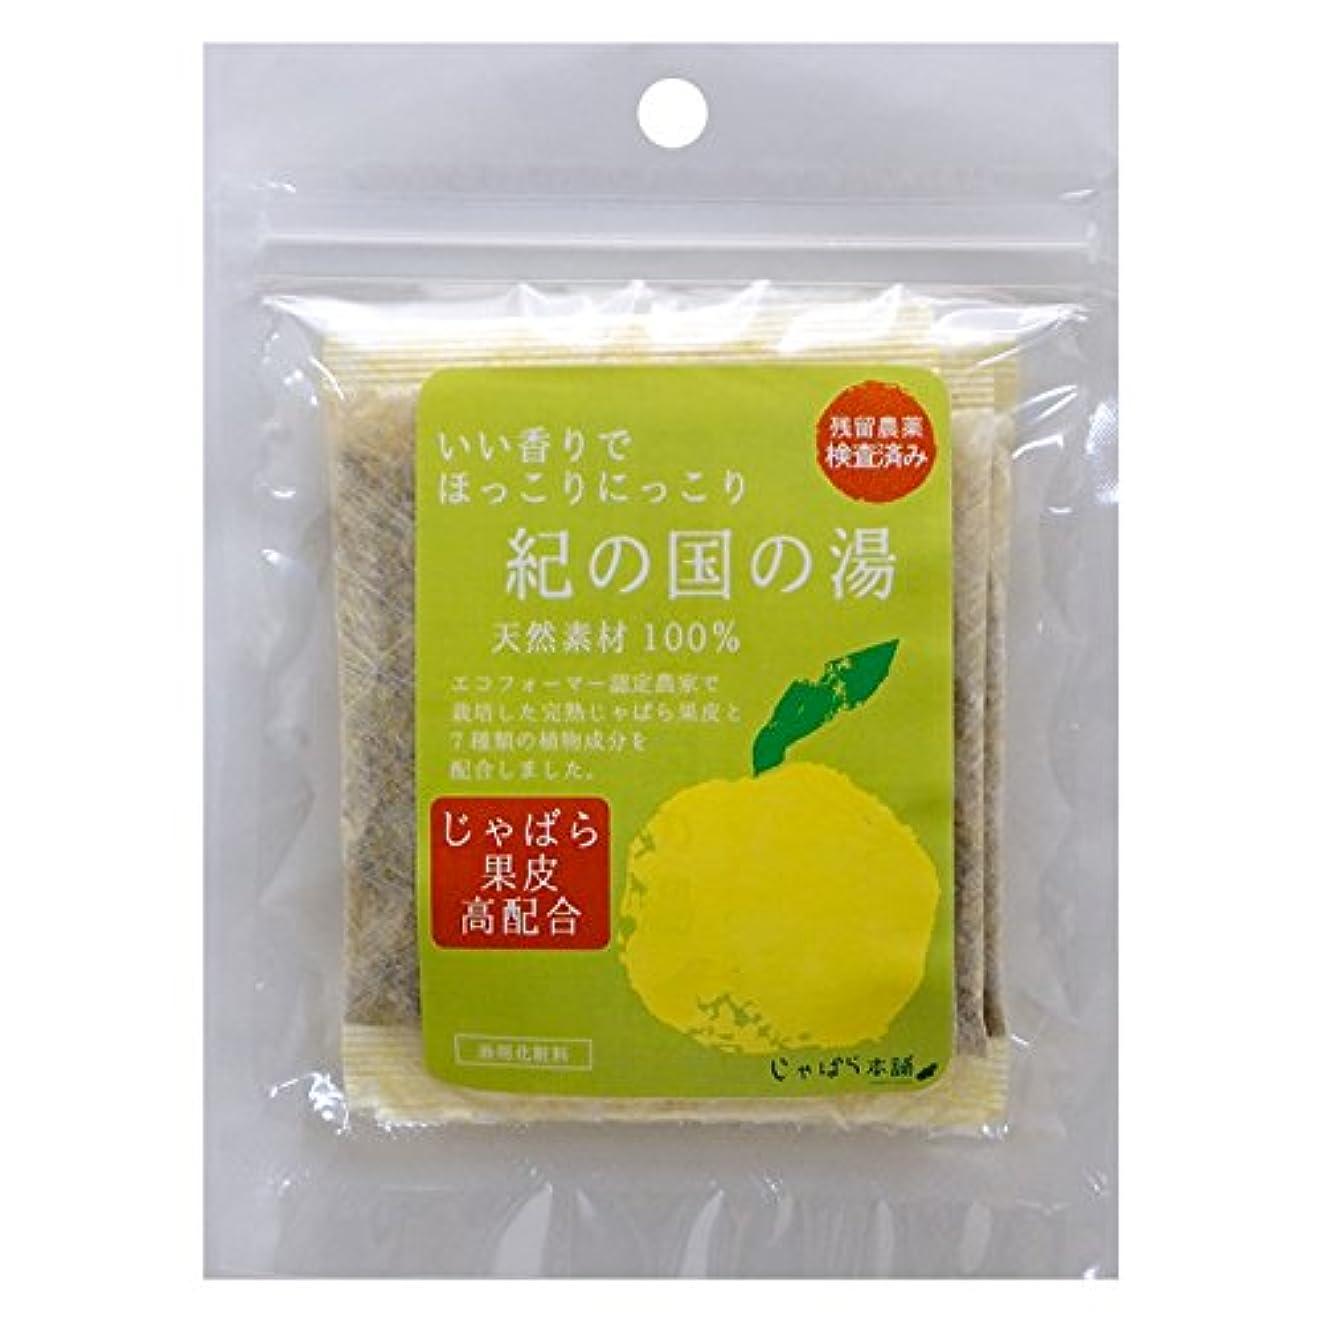 ラックシリング飲み込むじゃばら果皮入りの入浴剤 「紀の国の湯」 1袋(15g×3包入り)